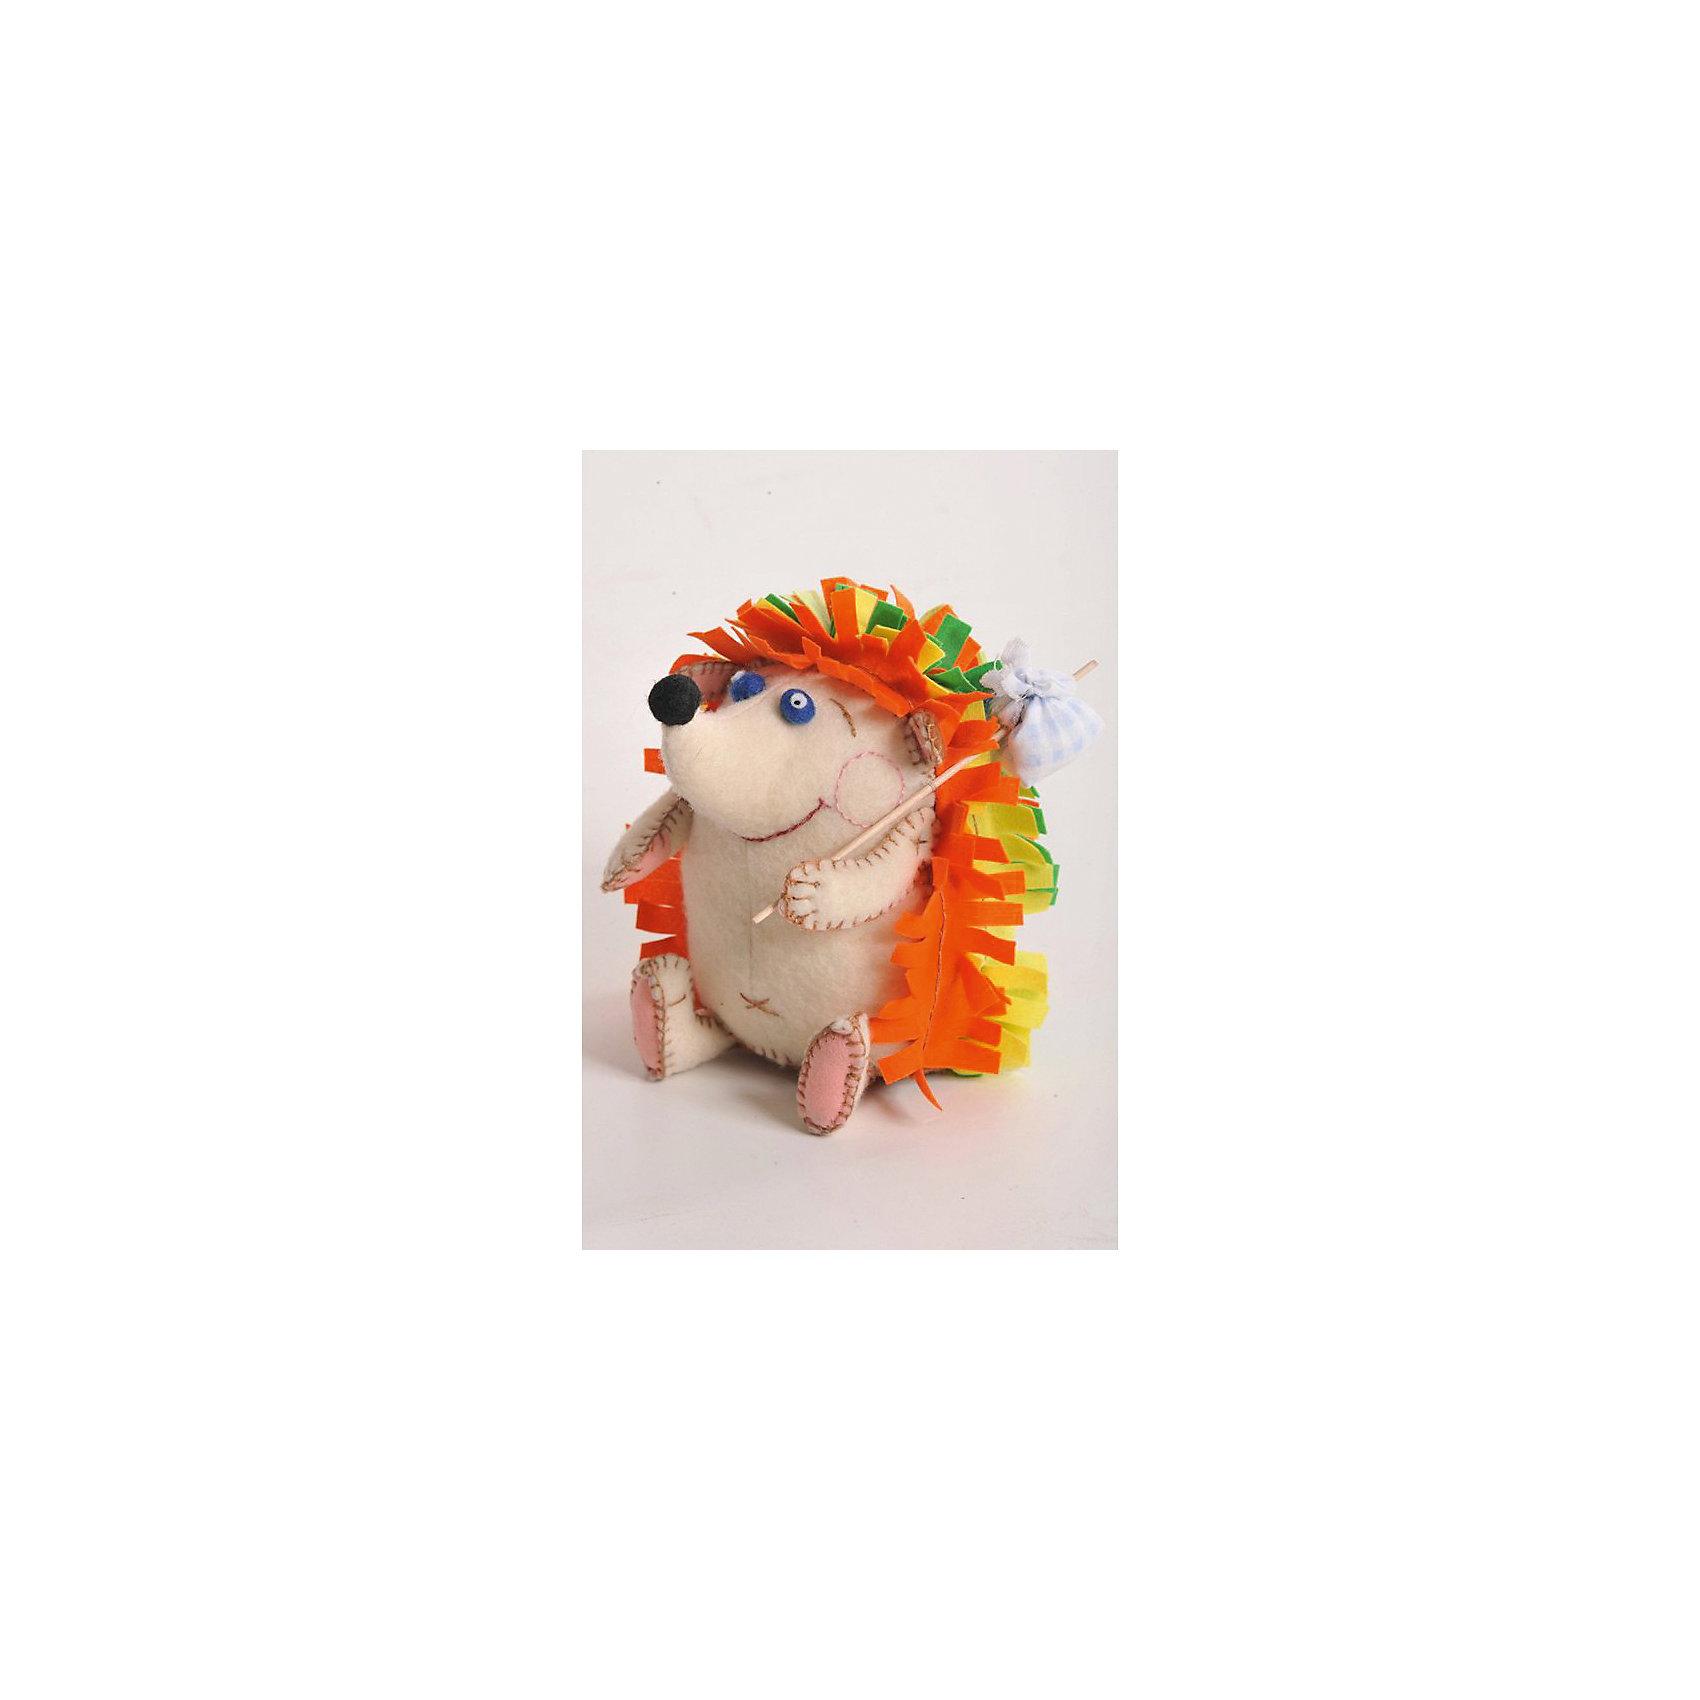 Набор для изготовления  игрушки Счастливый Ёжик, ПерловкаШитьё<br>Набор для изготовления игрушки Счастливый Ёжик, Перловка<br><br>Характеристики: <br><br>• Размер игрушки: 13,5 см<br>• Материал: Хлопок, Фетр, Металл, Атлас<br>• В комплекте: Ткань, нитки, пуговицы, проволока, кнопка, листы с выкройками, инструкция<br>• Вес: 100г<br><br>Этот набор для творчества позволит вашему ребенку создать очаровательную игрушку. Ткани в комплекте выполнены в мягких пастельных тонах и состоят из натурального материала. В составе имеется подробная инструкция и все необходимое для декорирования фигурки. Игрушка получается проработанная и аккуратная.<br><br>Набор для изготовления игрушки Счастливый Ёжик, Перловка можно купить в нашем интернет-магазине.<br><br>Ширина мм: 150<br>Глубина мм: 15<br>Высота мм: 280<br>Вес г: 80<br>Возраст от месяцев: 60<br>Возраст до месяцев: 2147483647<br>Пол: Женский<br>Возраст: Детский<br>SKU: 5445439